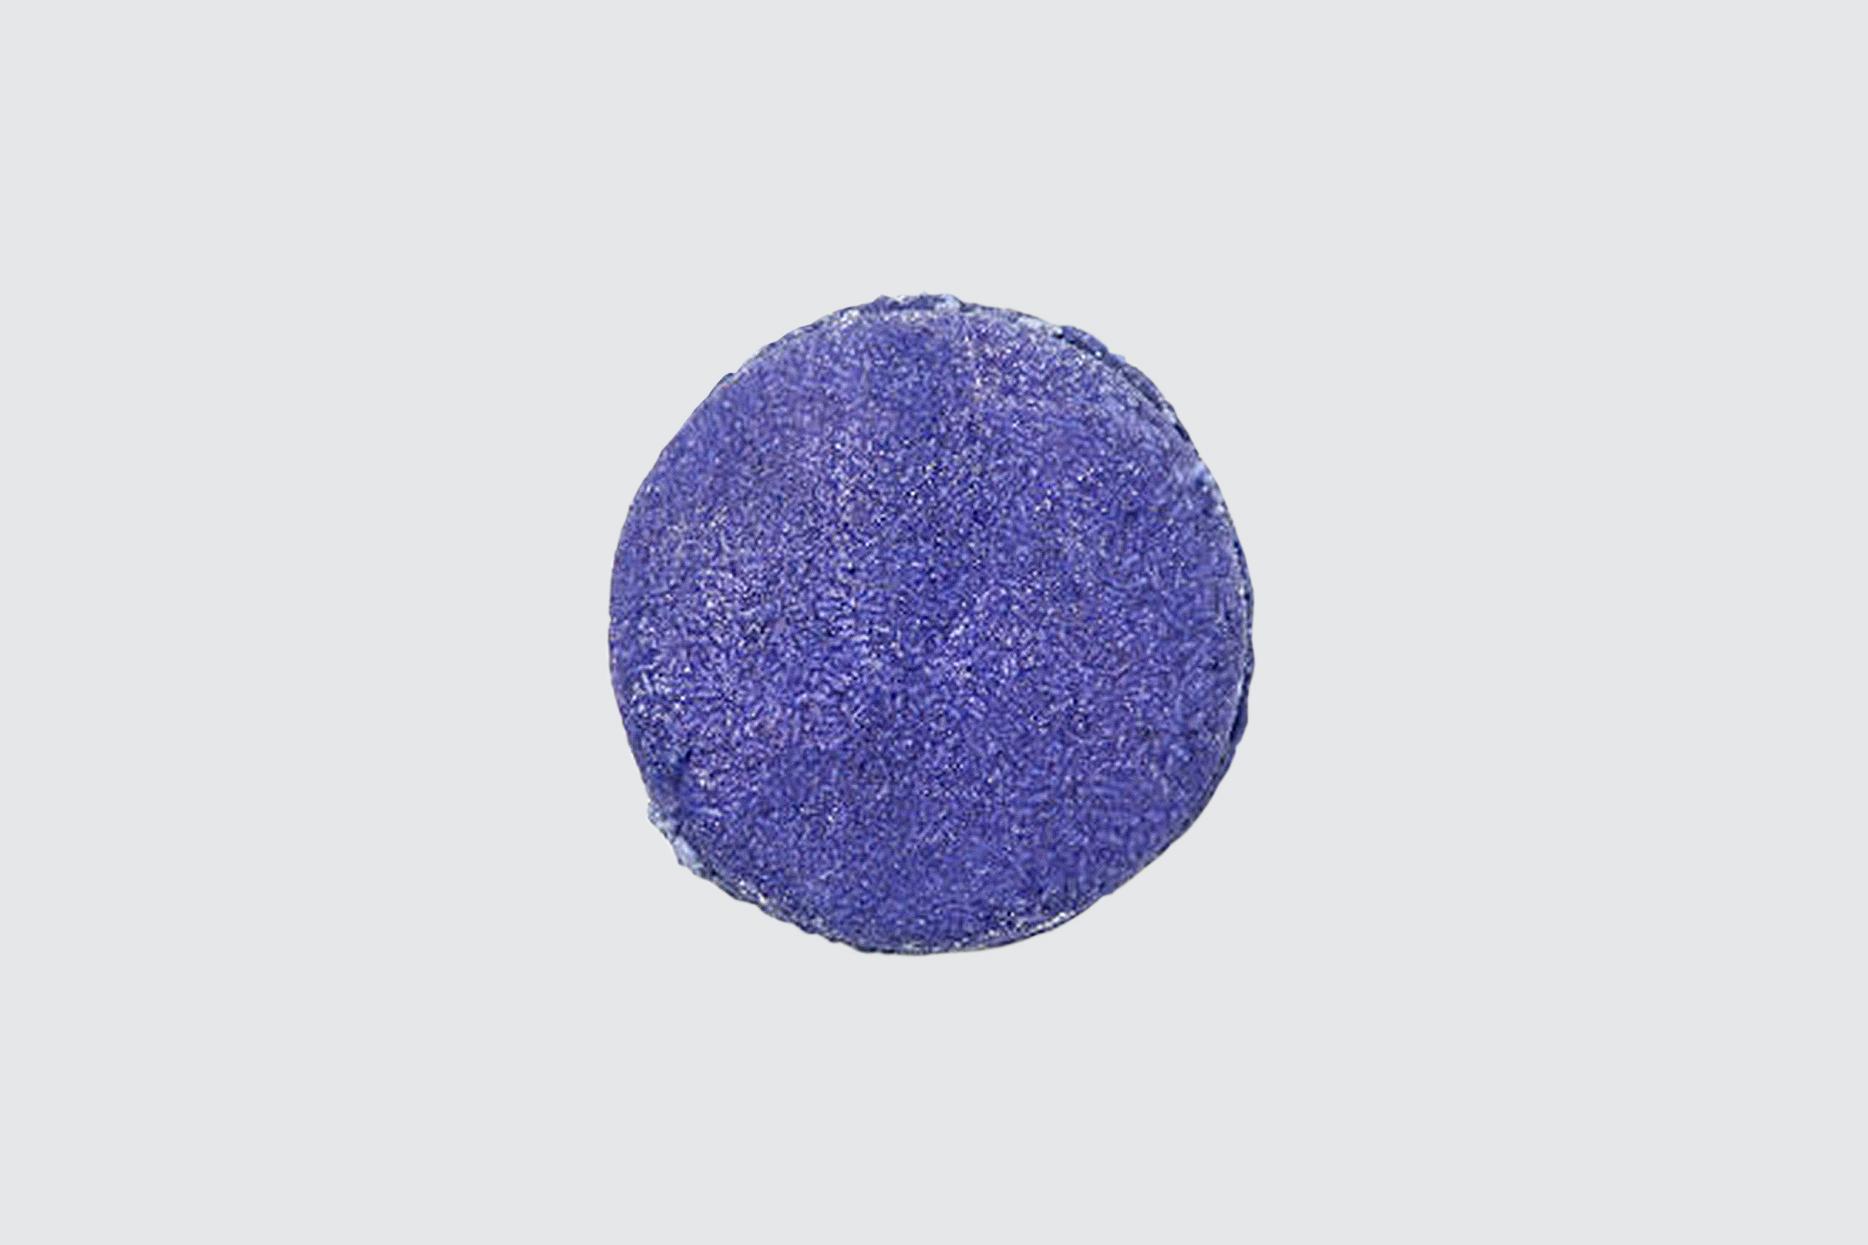 Lush Lavender Shampoo Bar